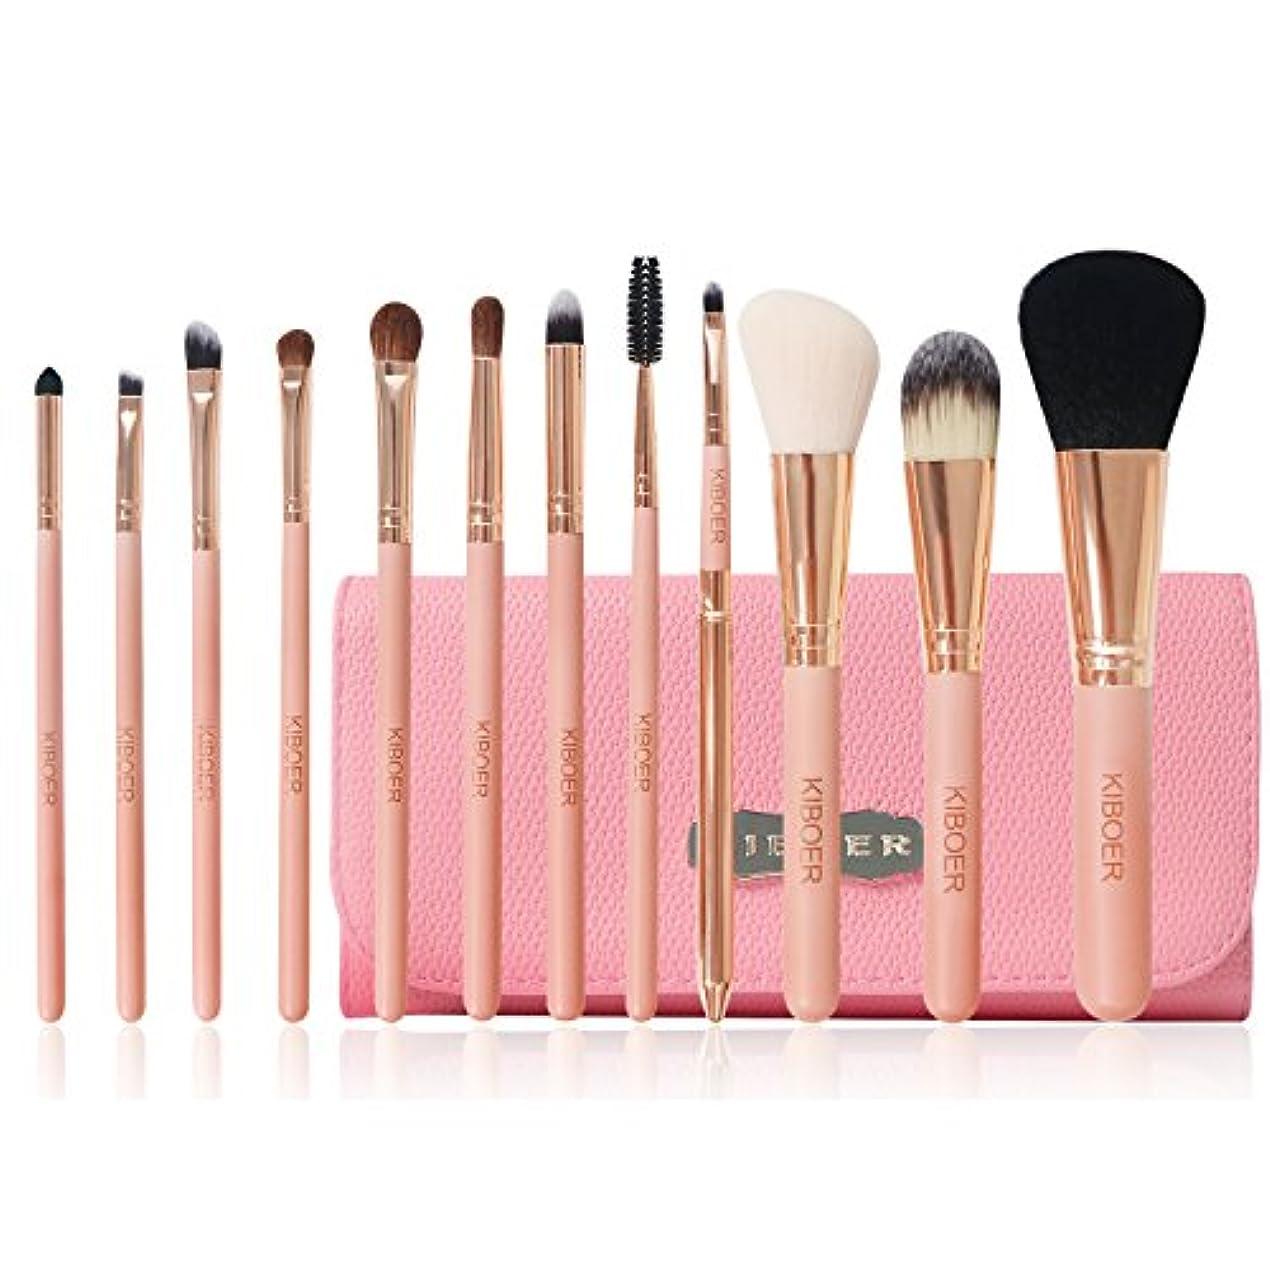 ごめんなさい列挙する赤ちゃんKiboer メイクブラシ 12本セット メイクブラシセット 化粧筆 馬毛をふんだんに使用 乾きが速い 高品質PUレザー化粧ポーチ付き (ピンク)